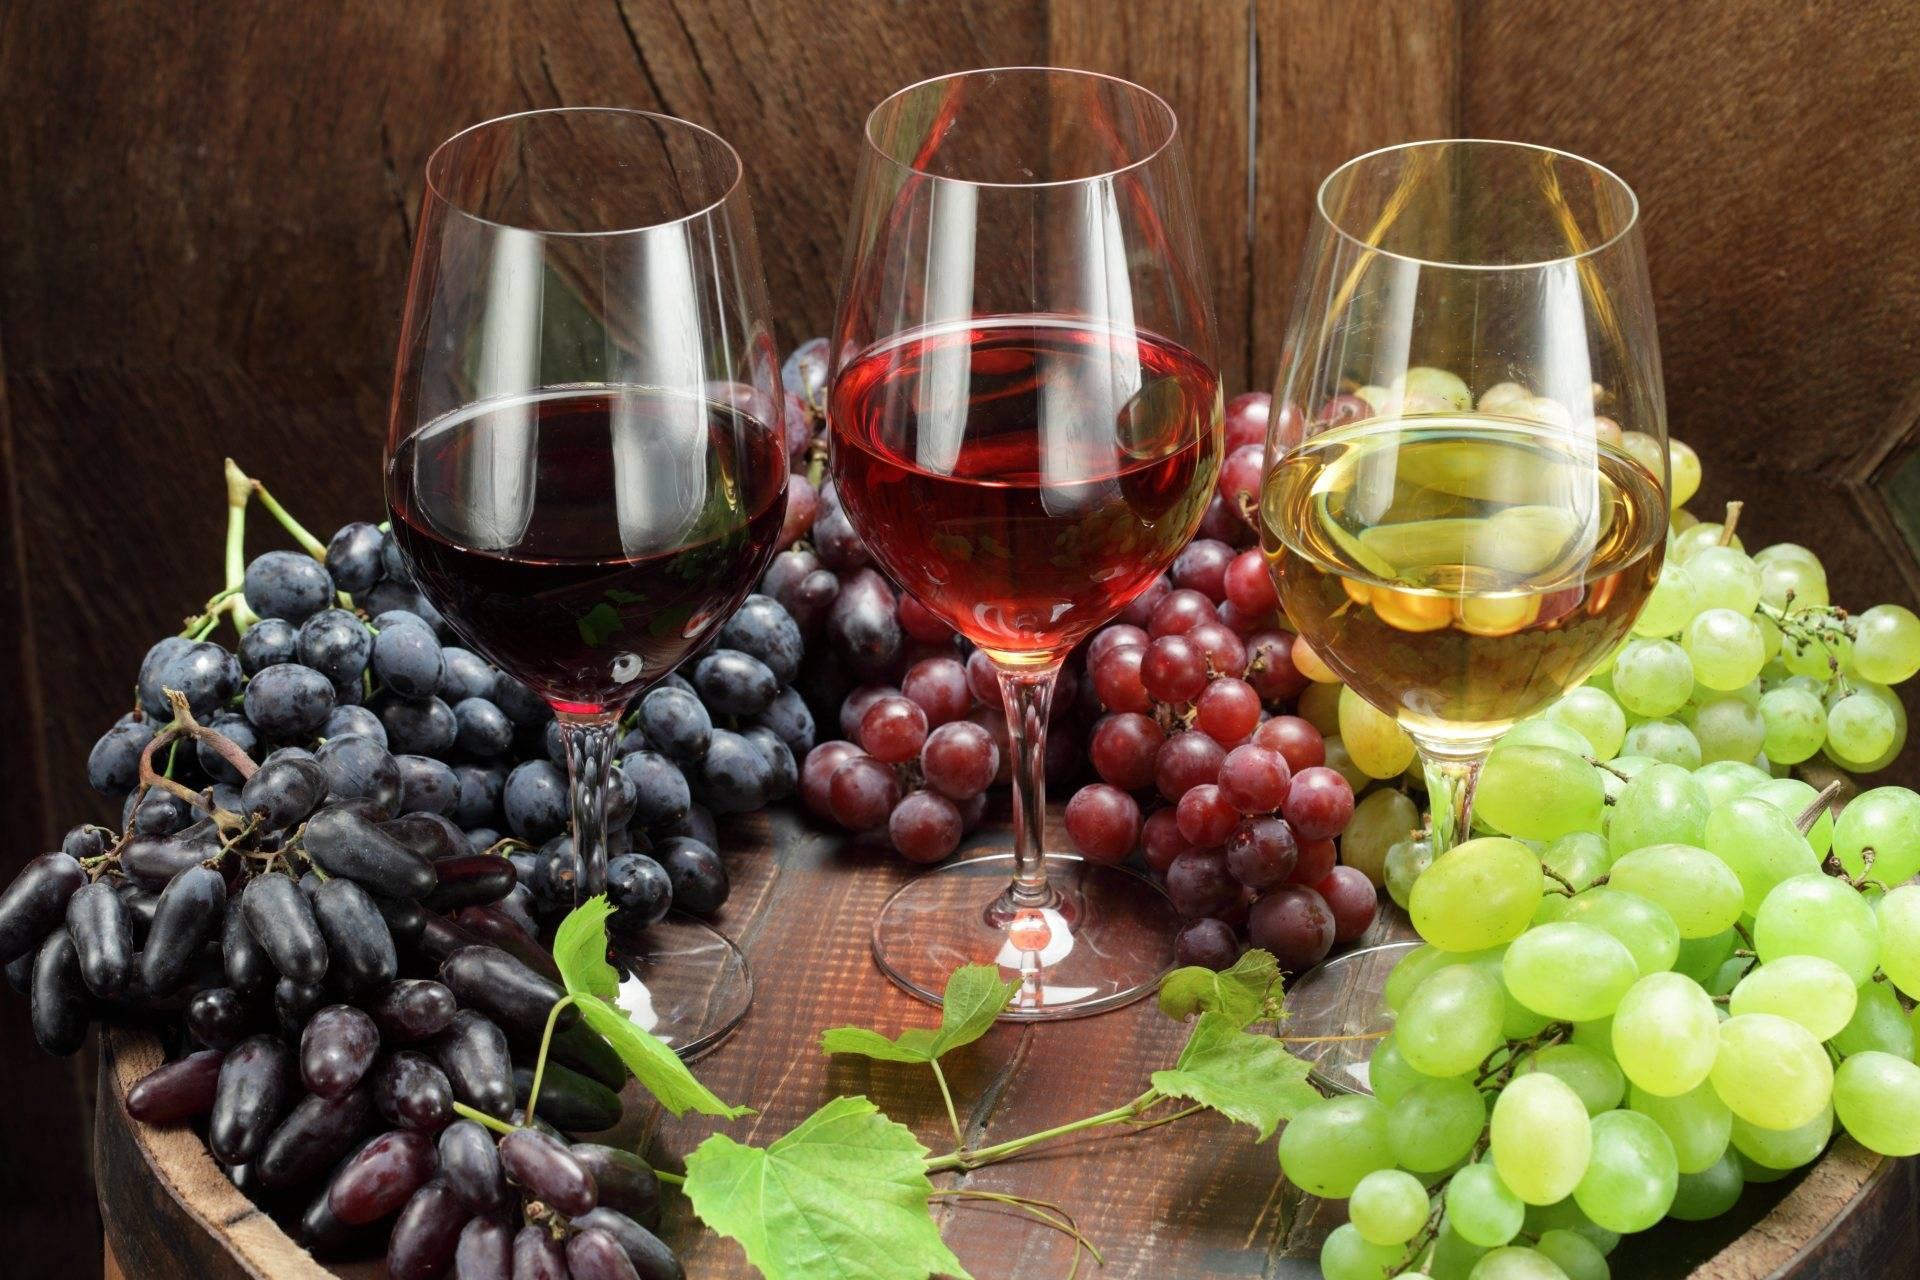 Польза домашнего вина неоспорима, в чем же она заключается?